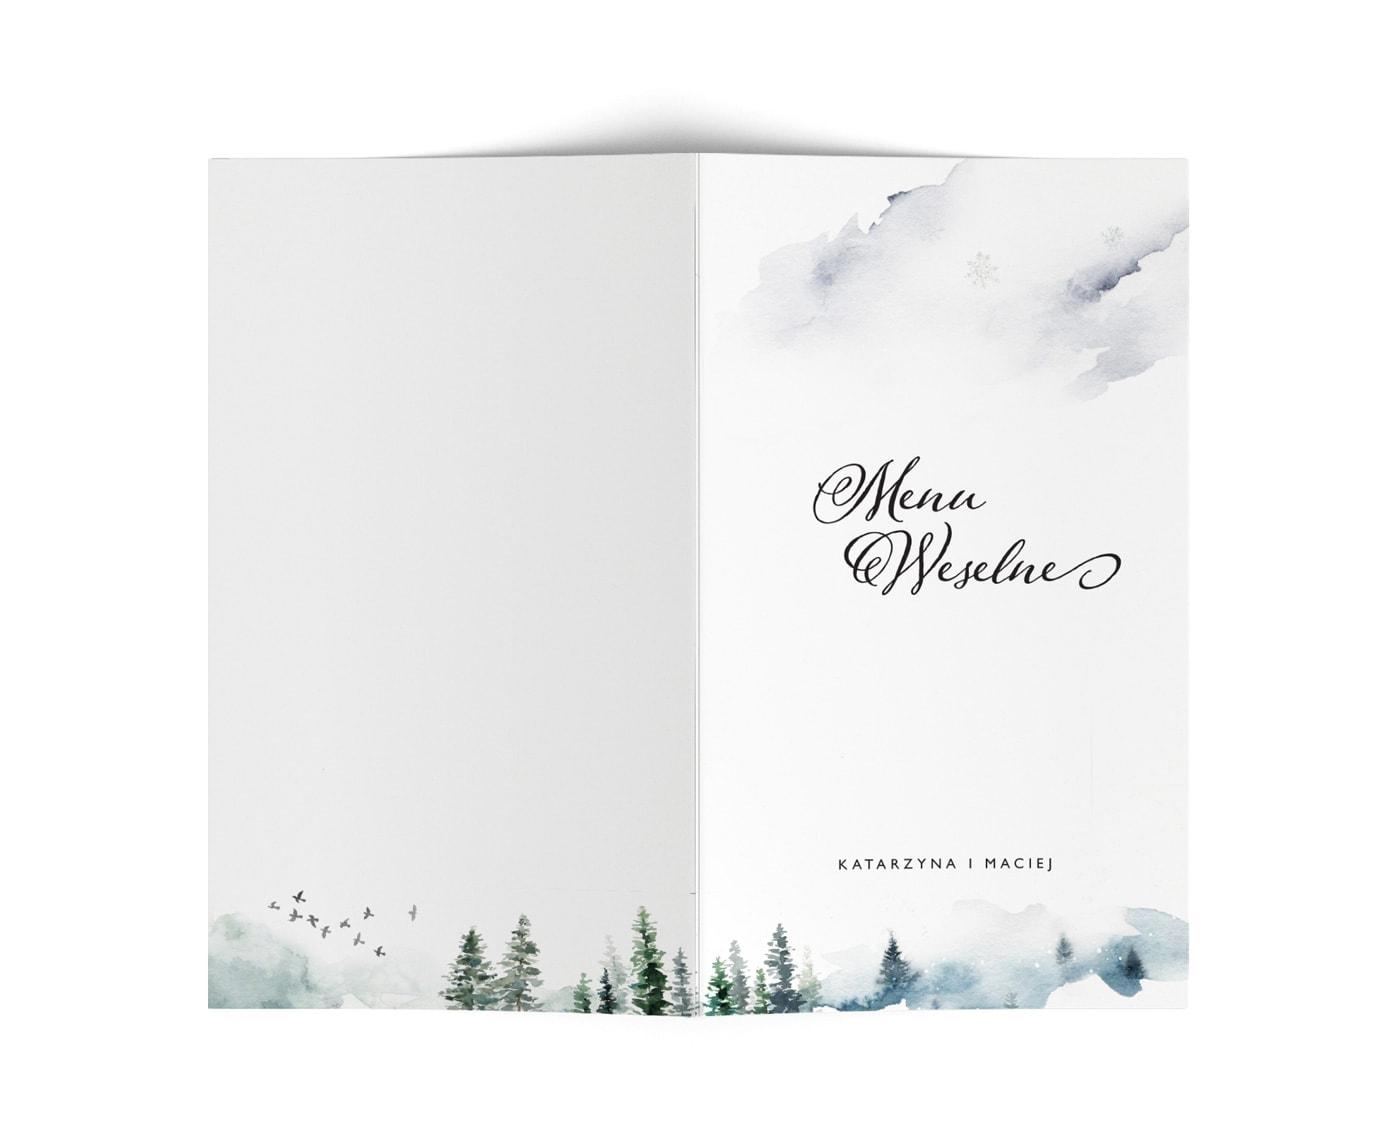 Karty meny na przyjęcie weslene w zimowym stylu